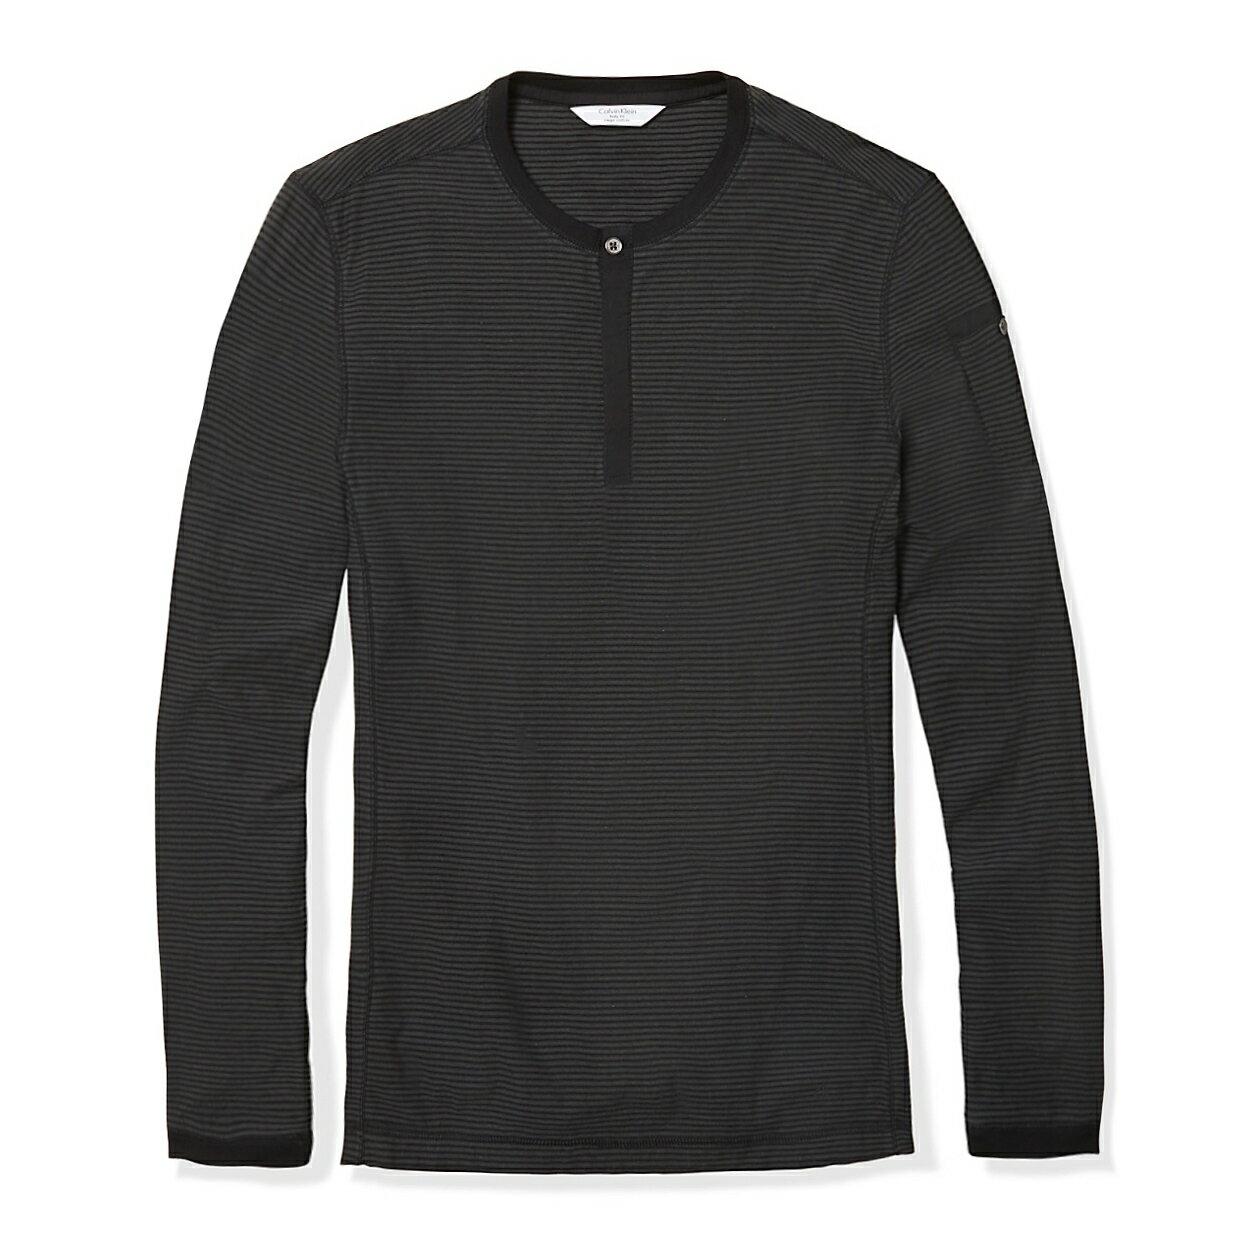 美國百分百【全新真品】Calvin Klein 上衣 CK 長袖 T恤 T-shirt 深灰 條紋 亨利領 男 E773